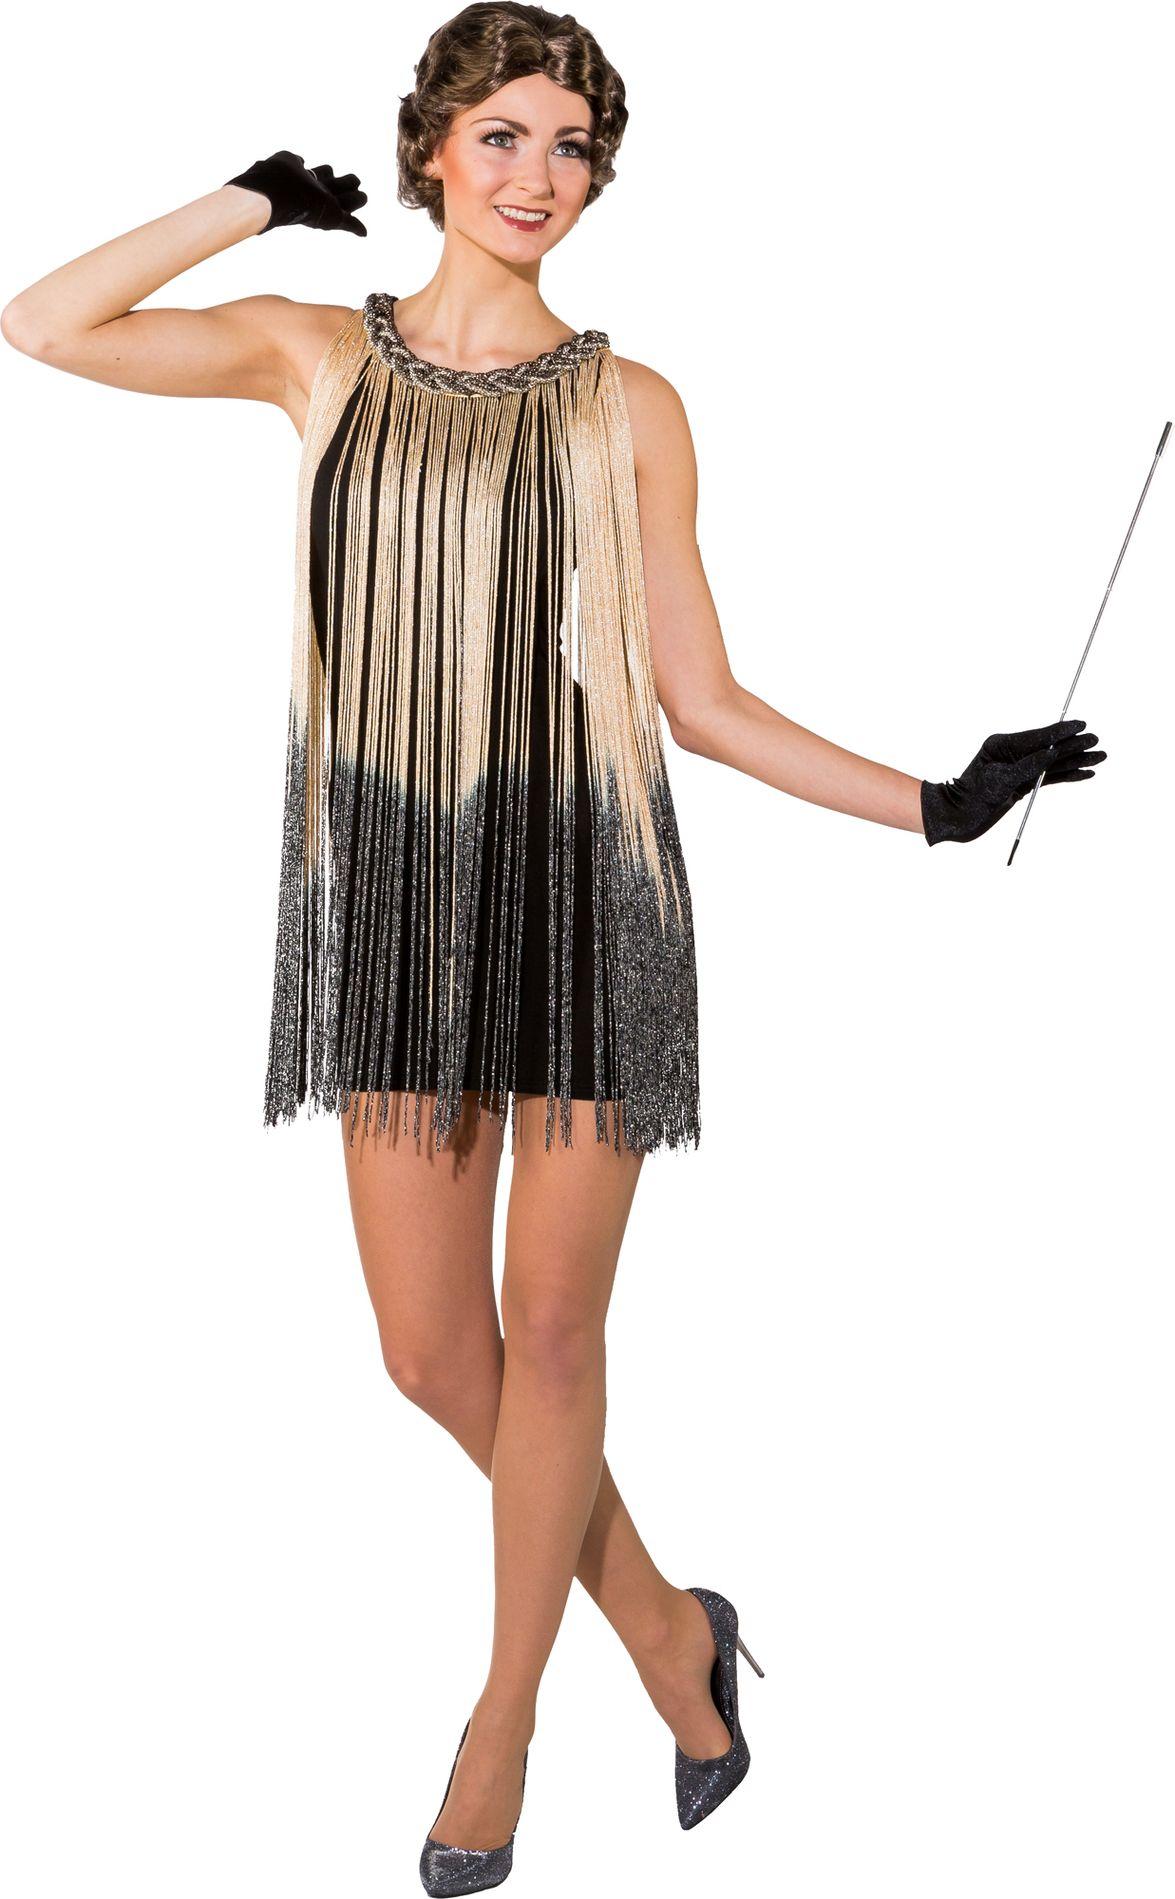 Kleid 20er Fransen beige bei Party Schlaudt Wiesbaden kaufen